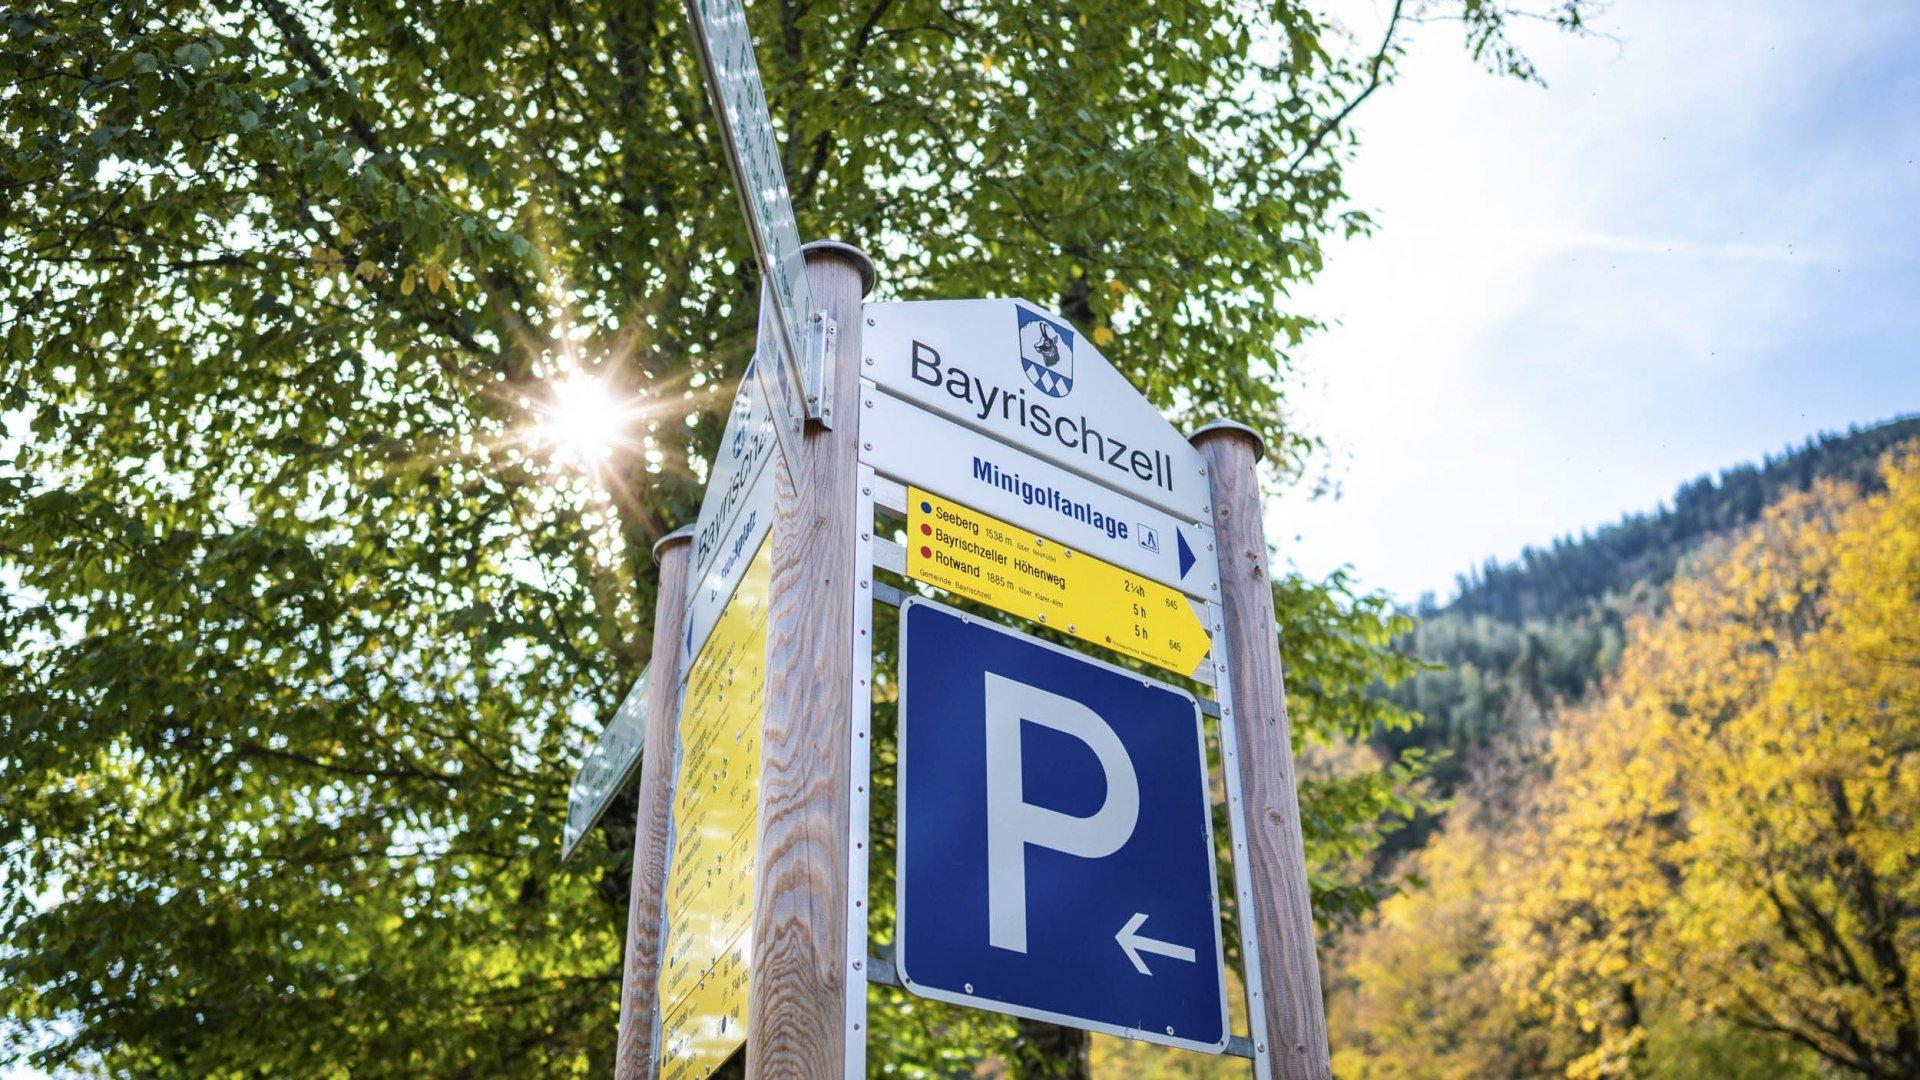 Parkplätze Bayrischzell, © Dietmar Denger